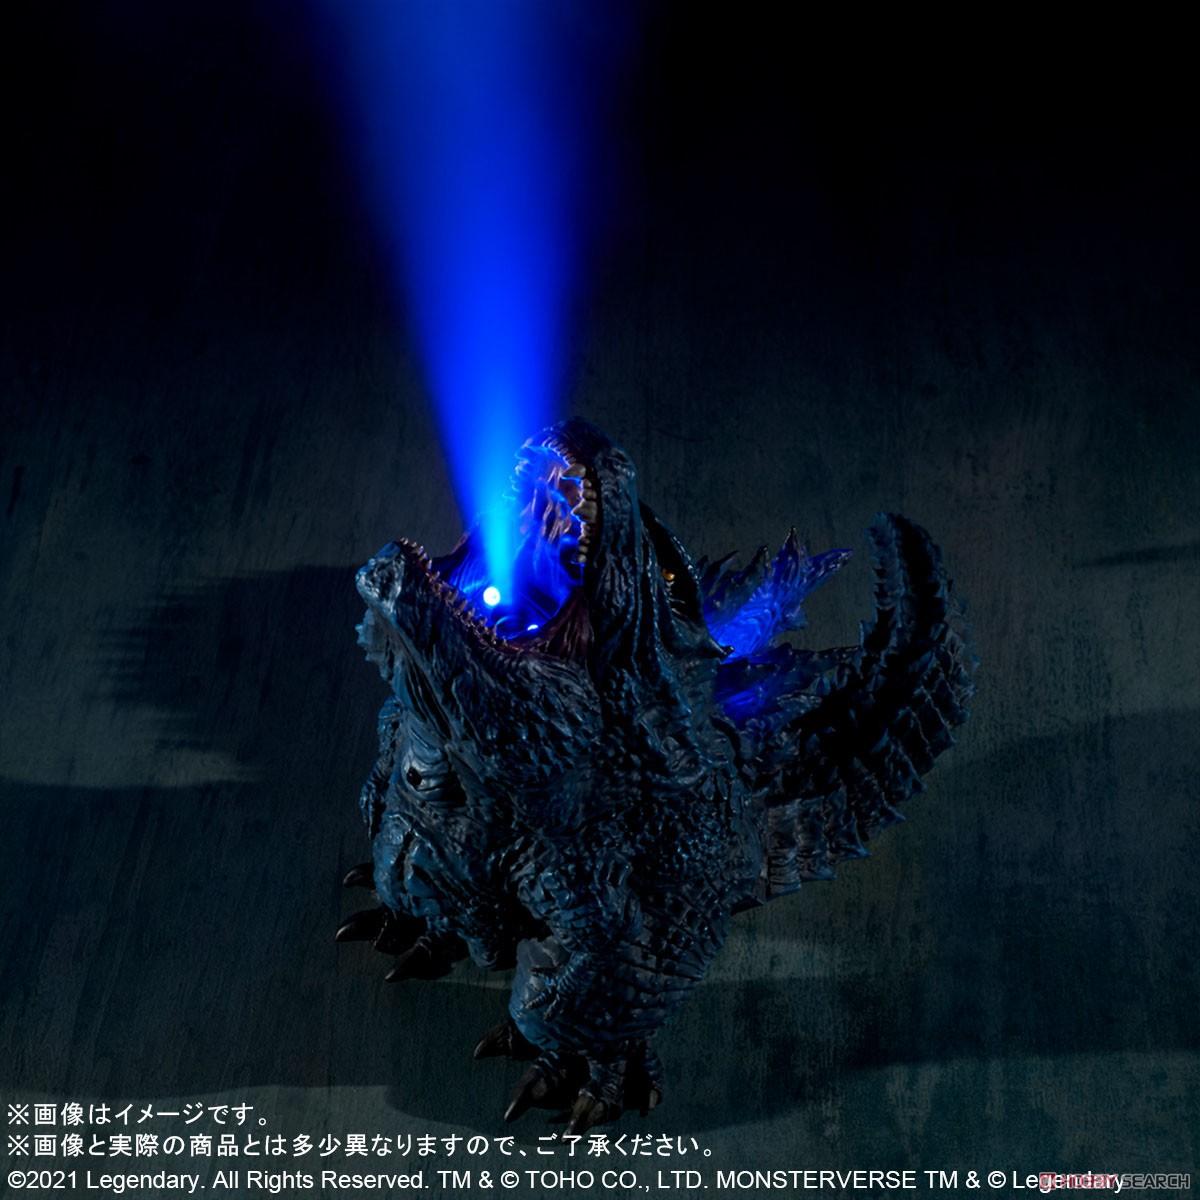 デフォリアル SFX『ゴジラ(2019)』キング・オブ・モンスターズ 完成品フィギュア-009